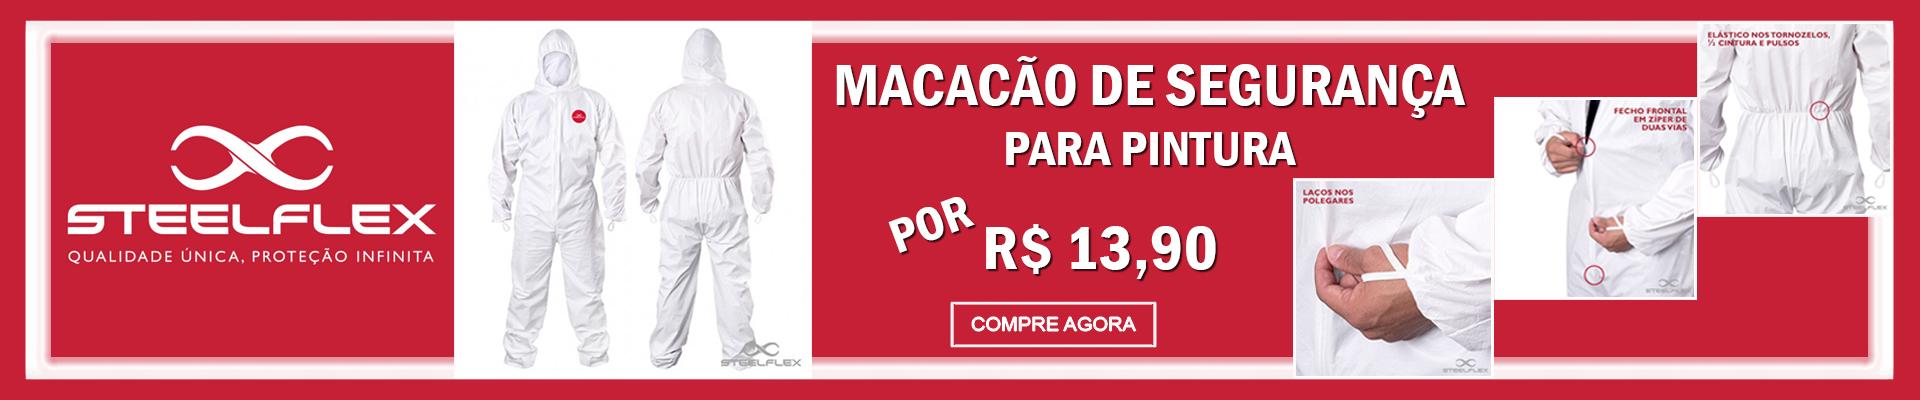 MACACÃO DE SEGURANÇA